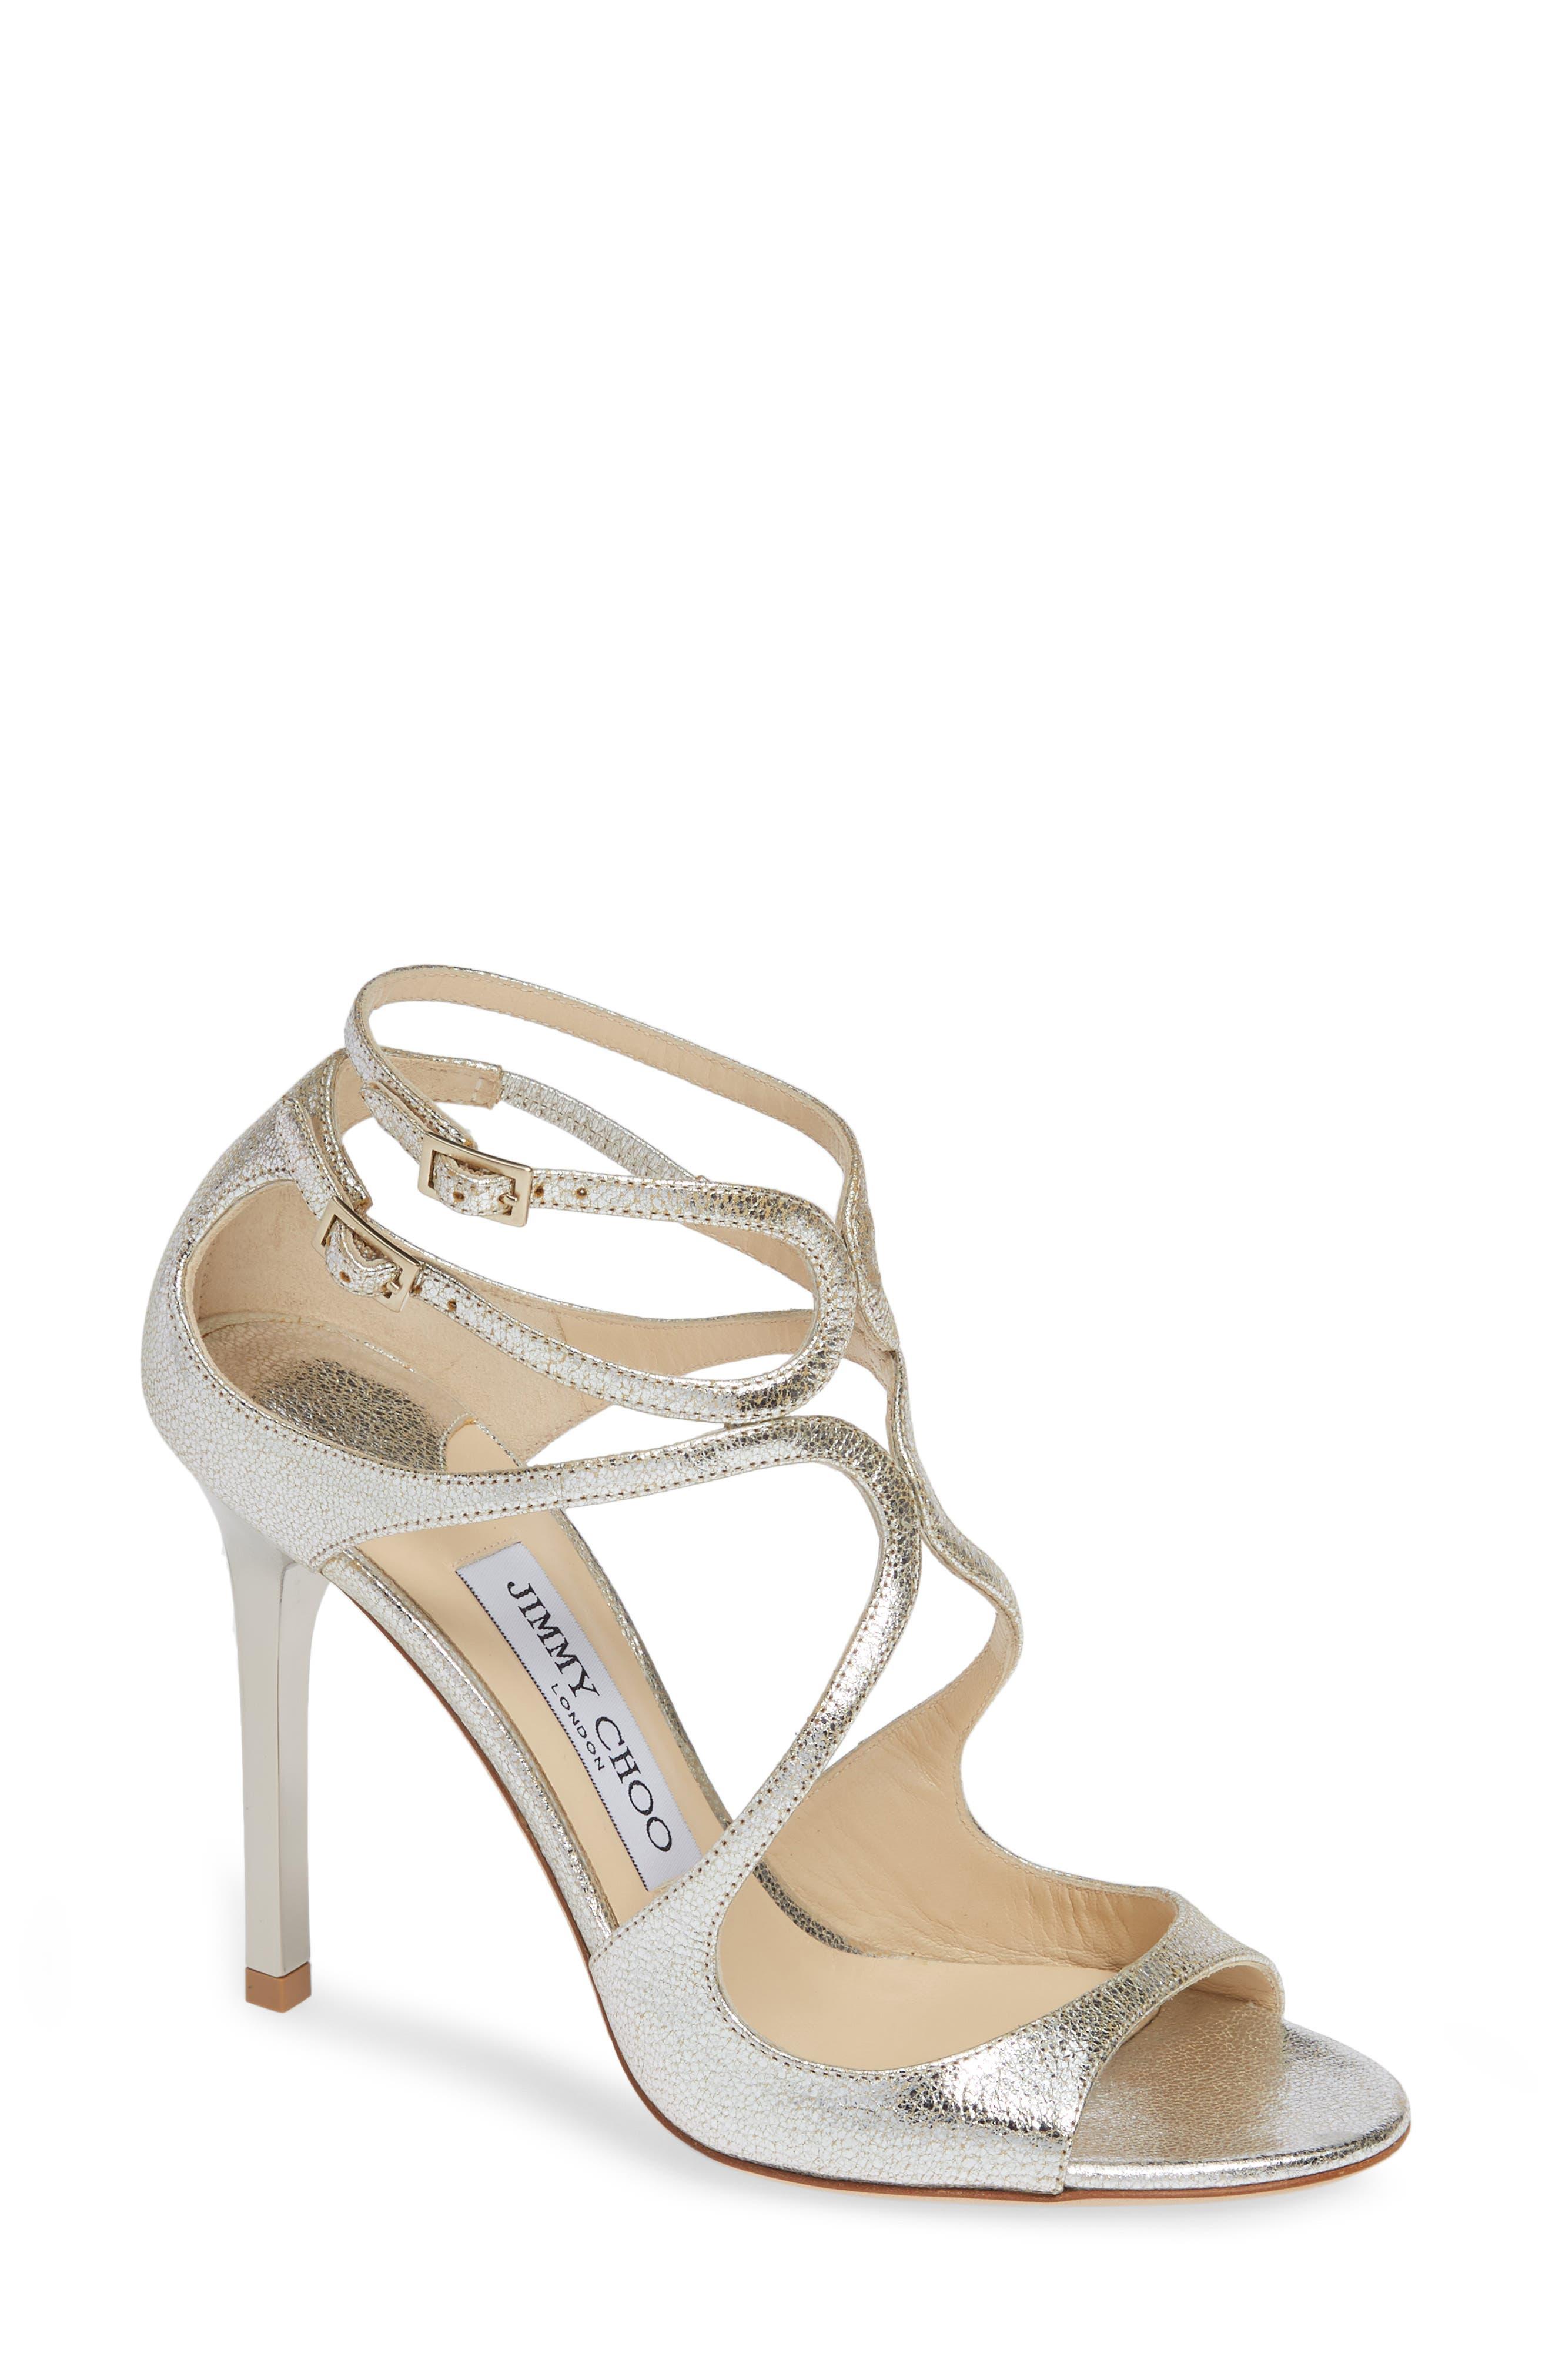 99fa73d01fc Women s Jimmy Choo Wedding Shoes